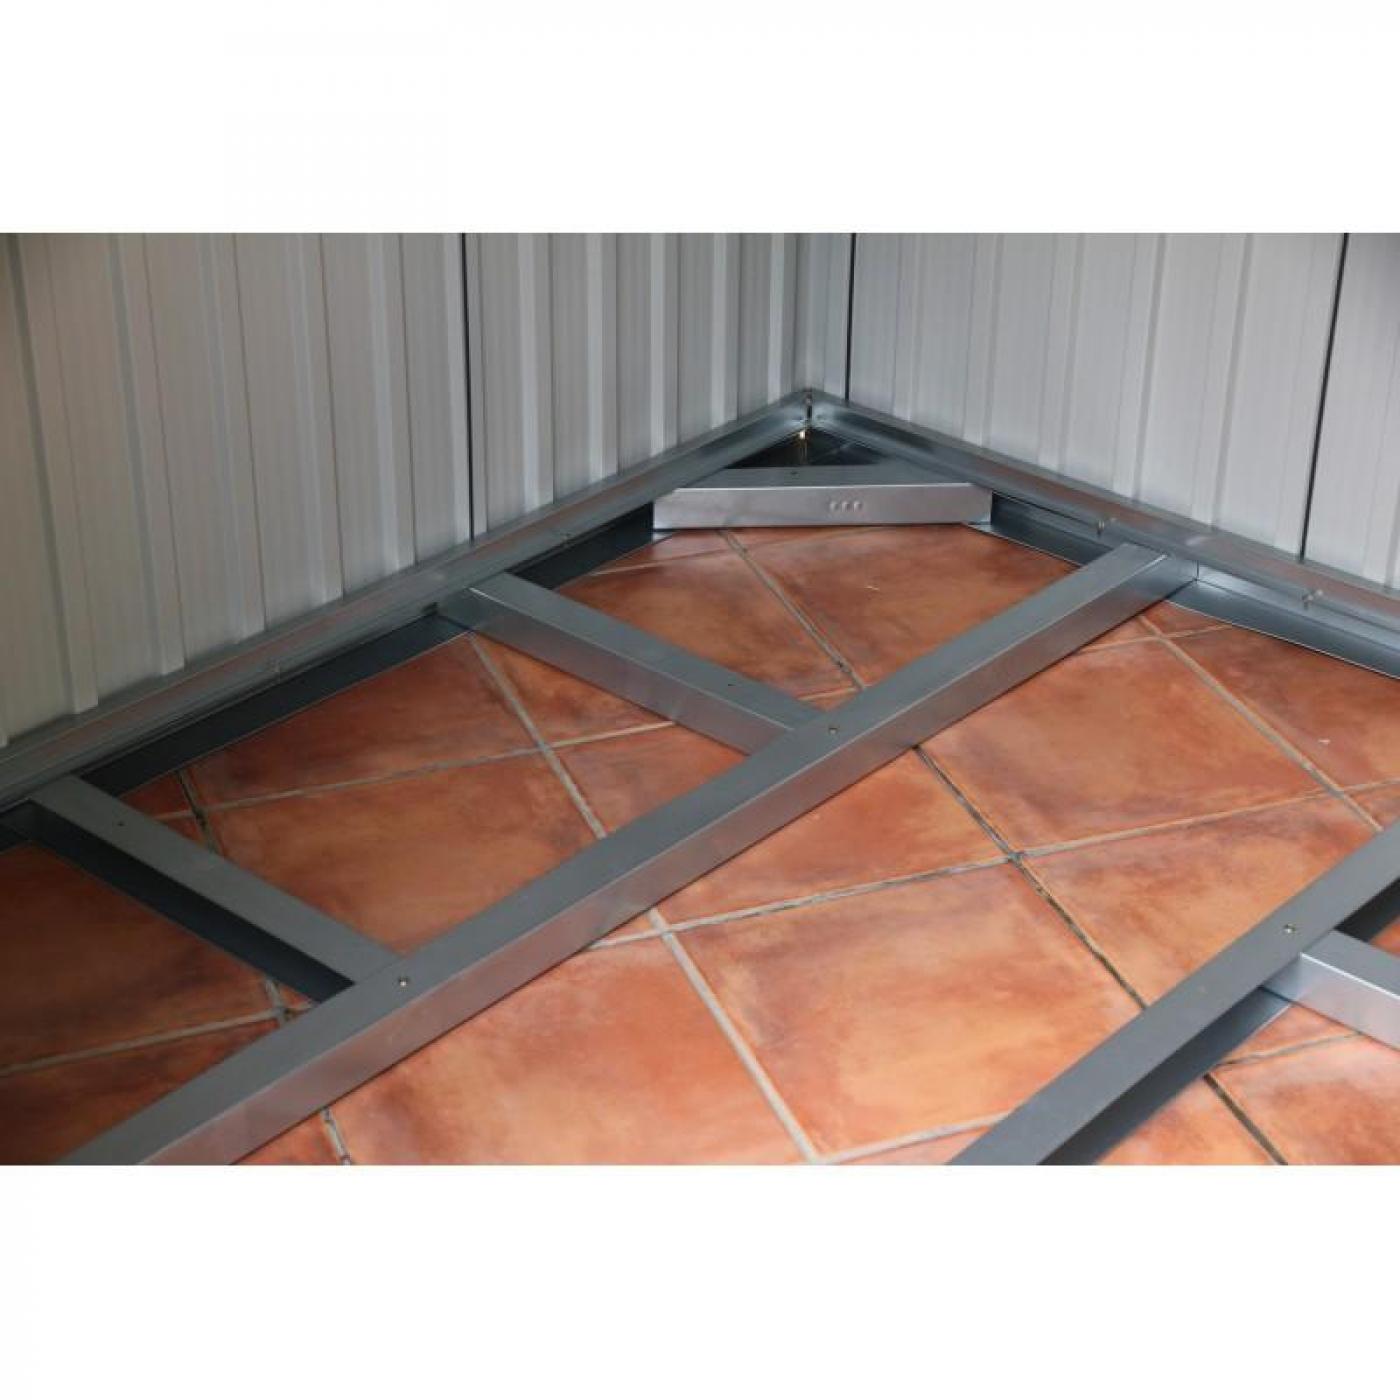 Casetta metallica color legno artemisa duramax per 597 45 in planeta huerto - Cassette da giardino ...